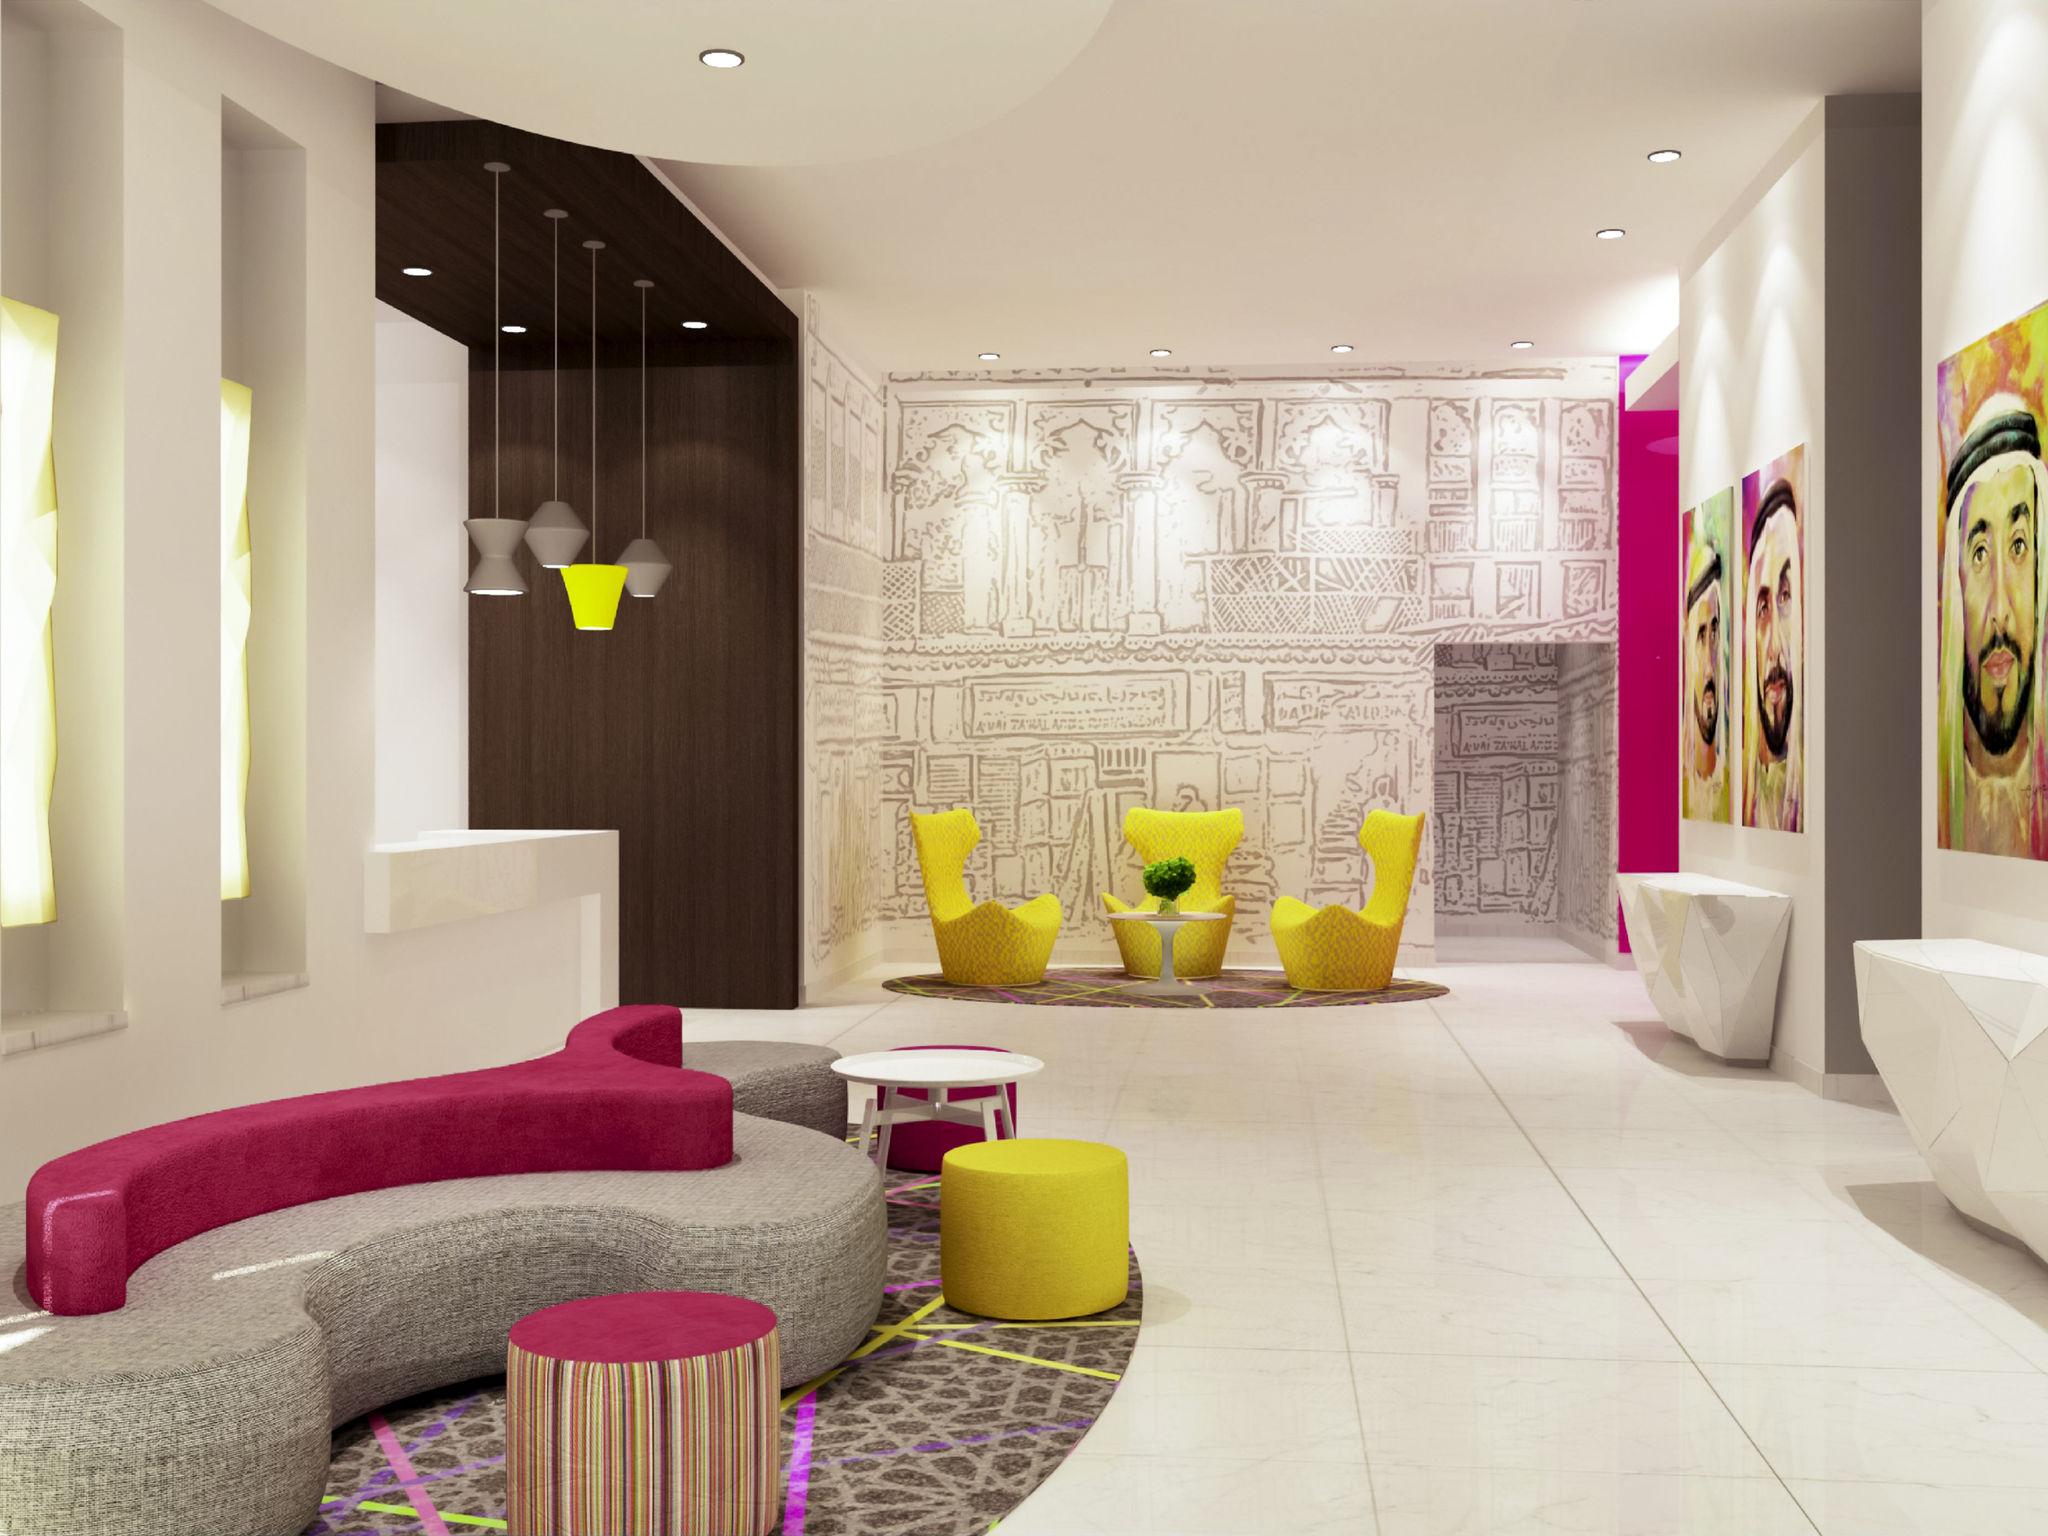 ホテル – Al Majaz Hotel Sharjah - By AccorHotels